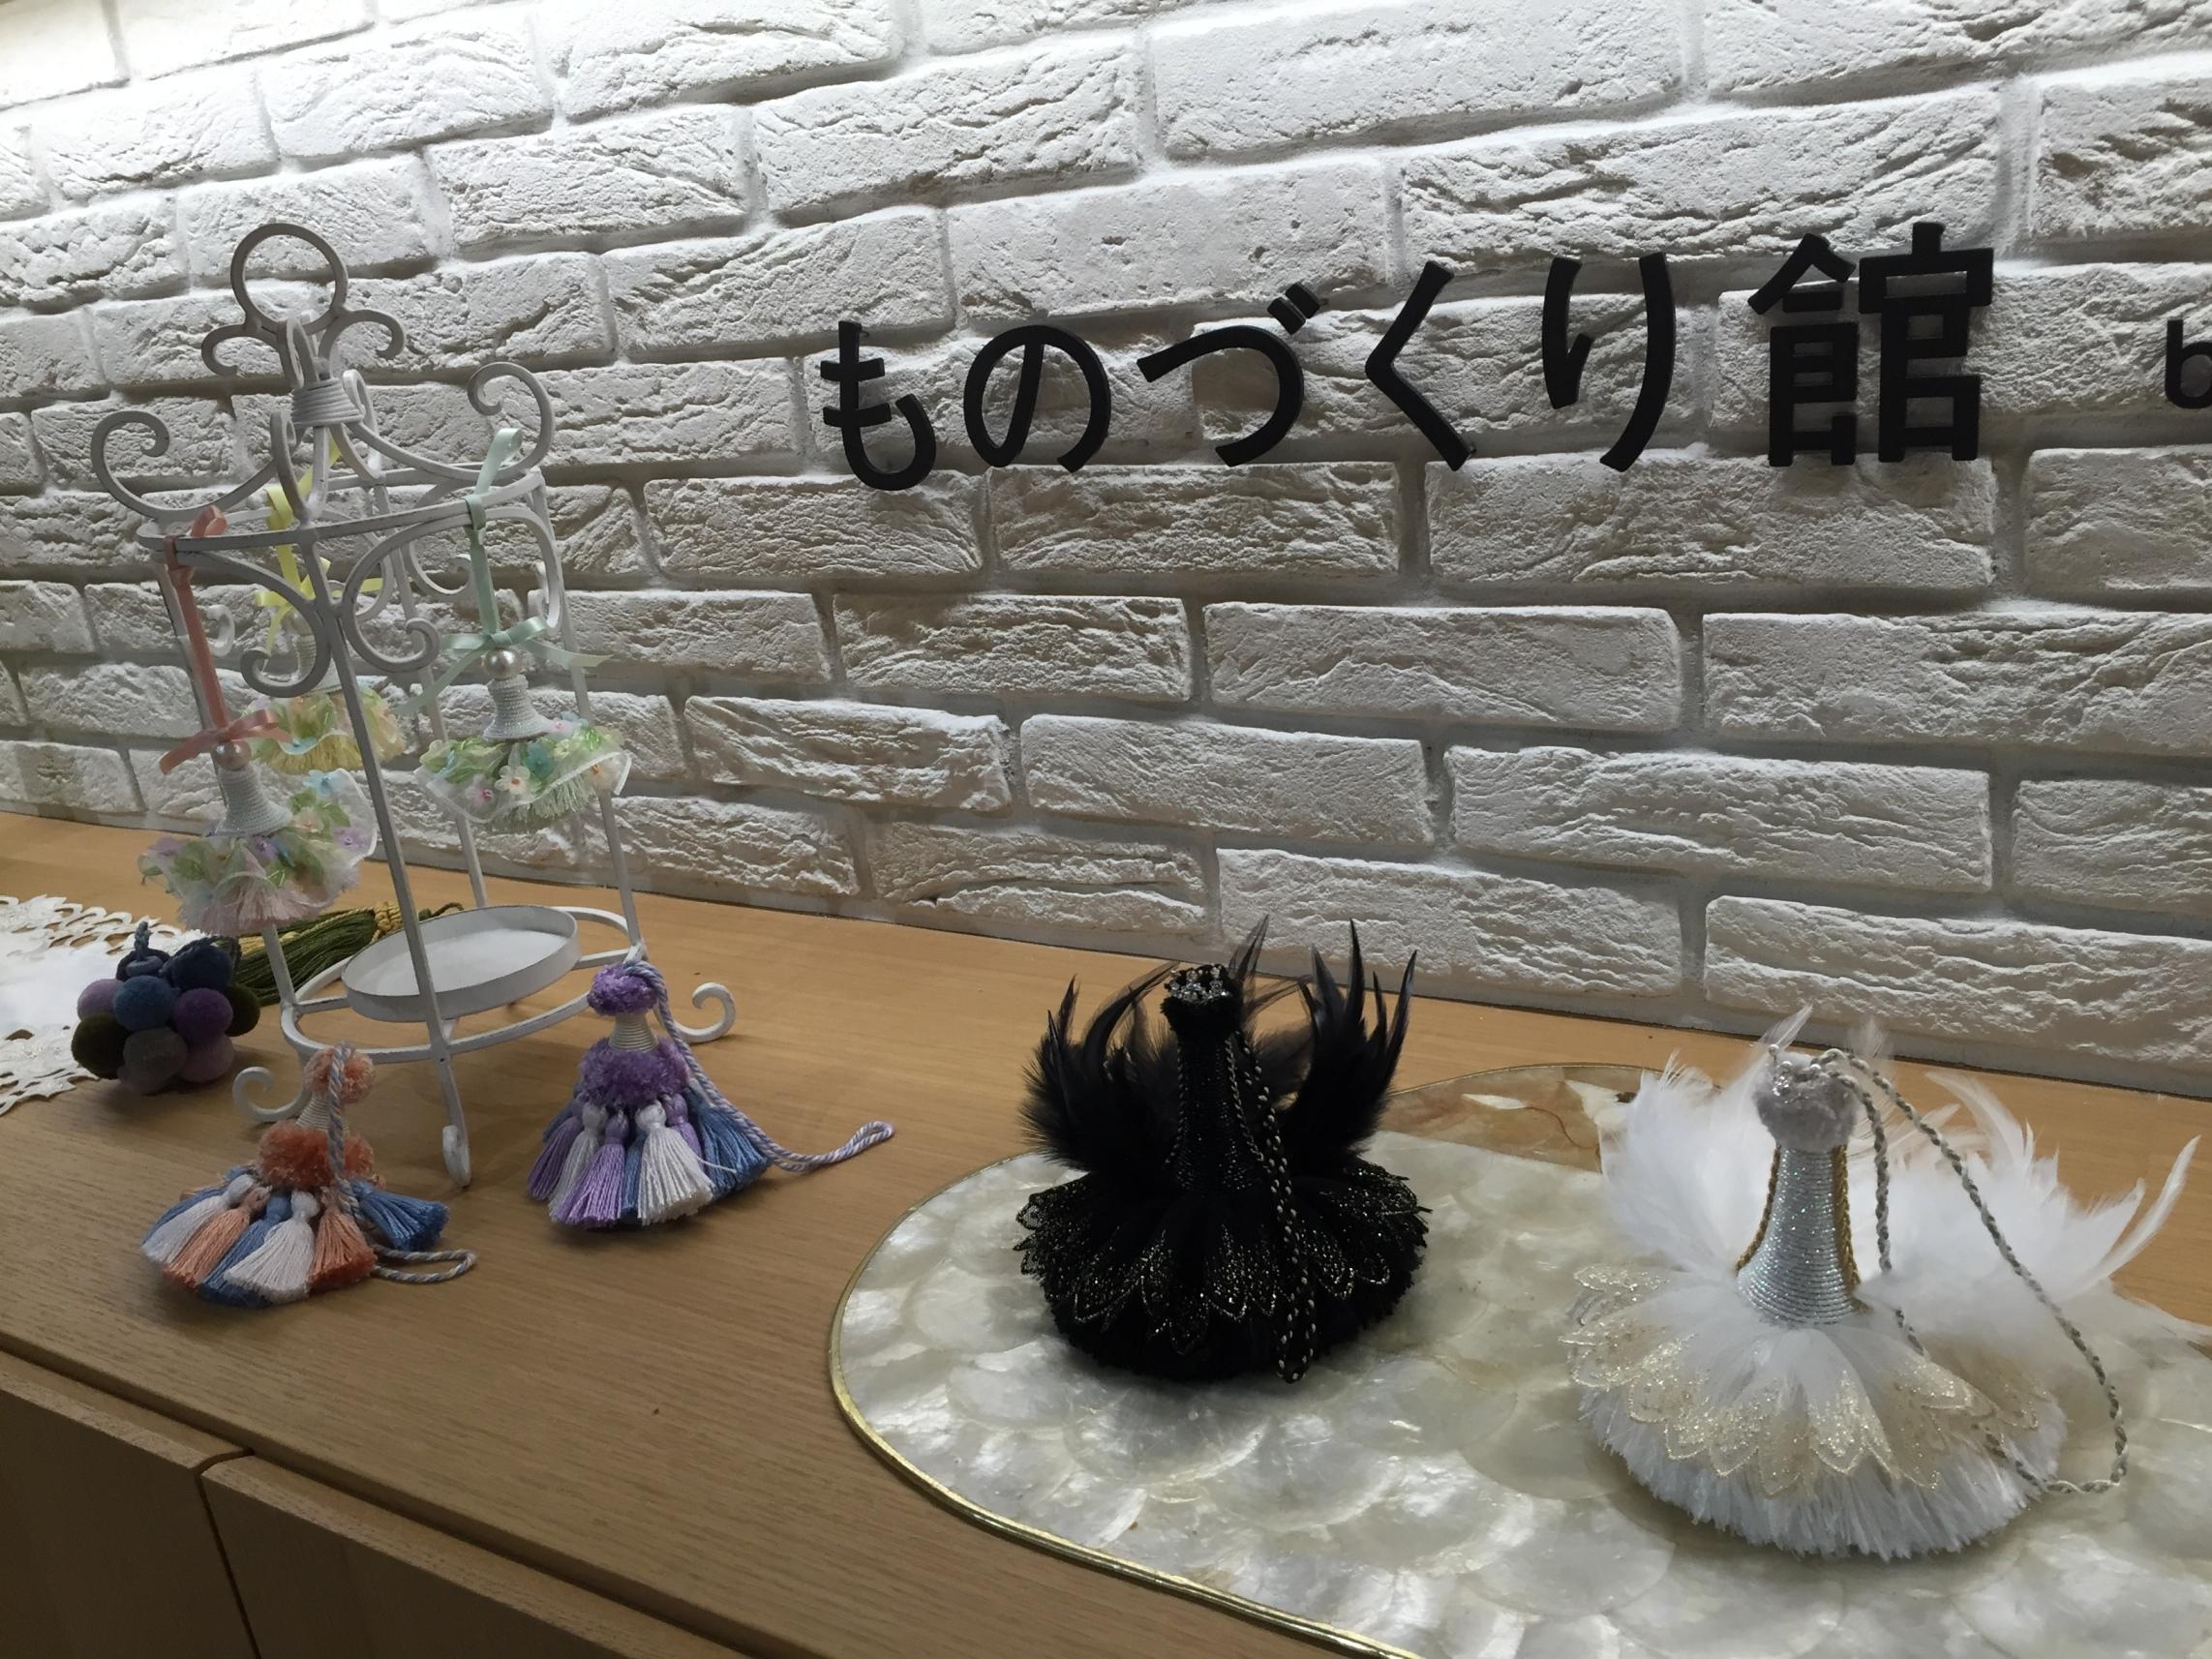 嶋貫さんの作品も展示